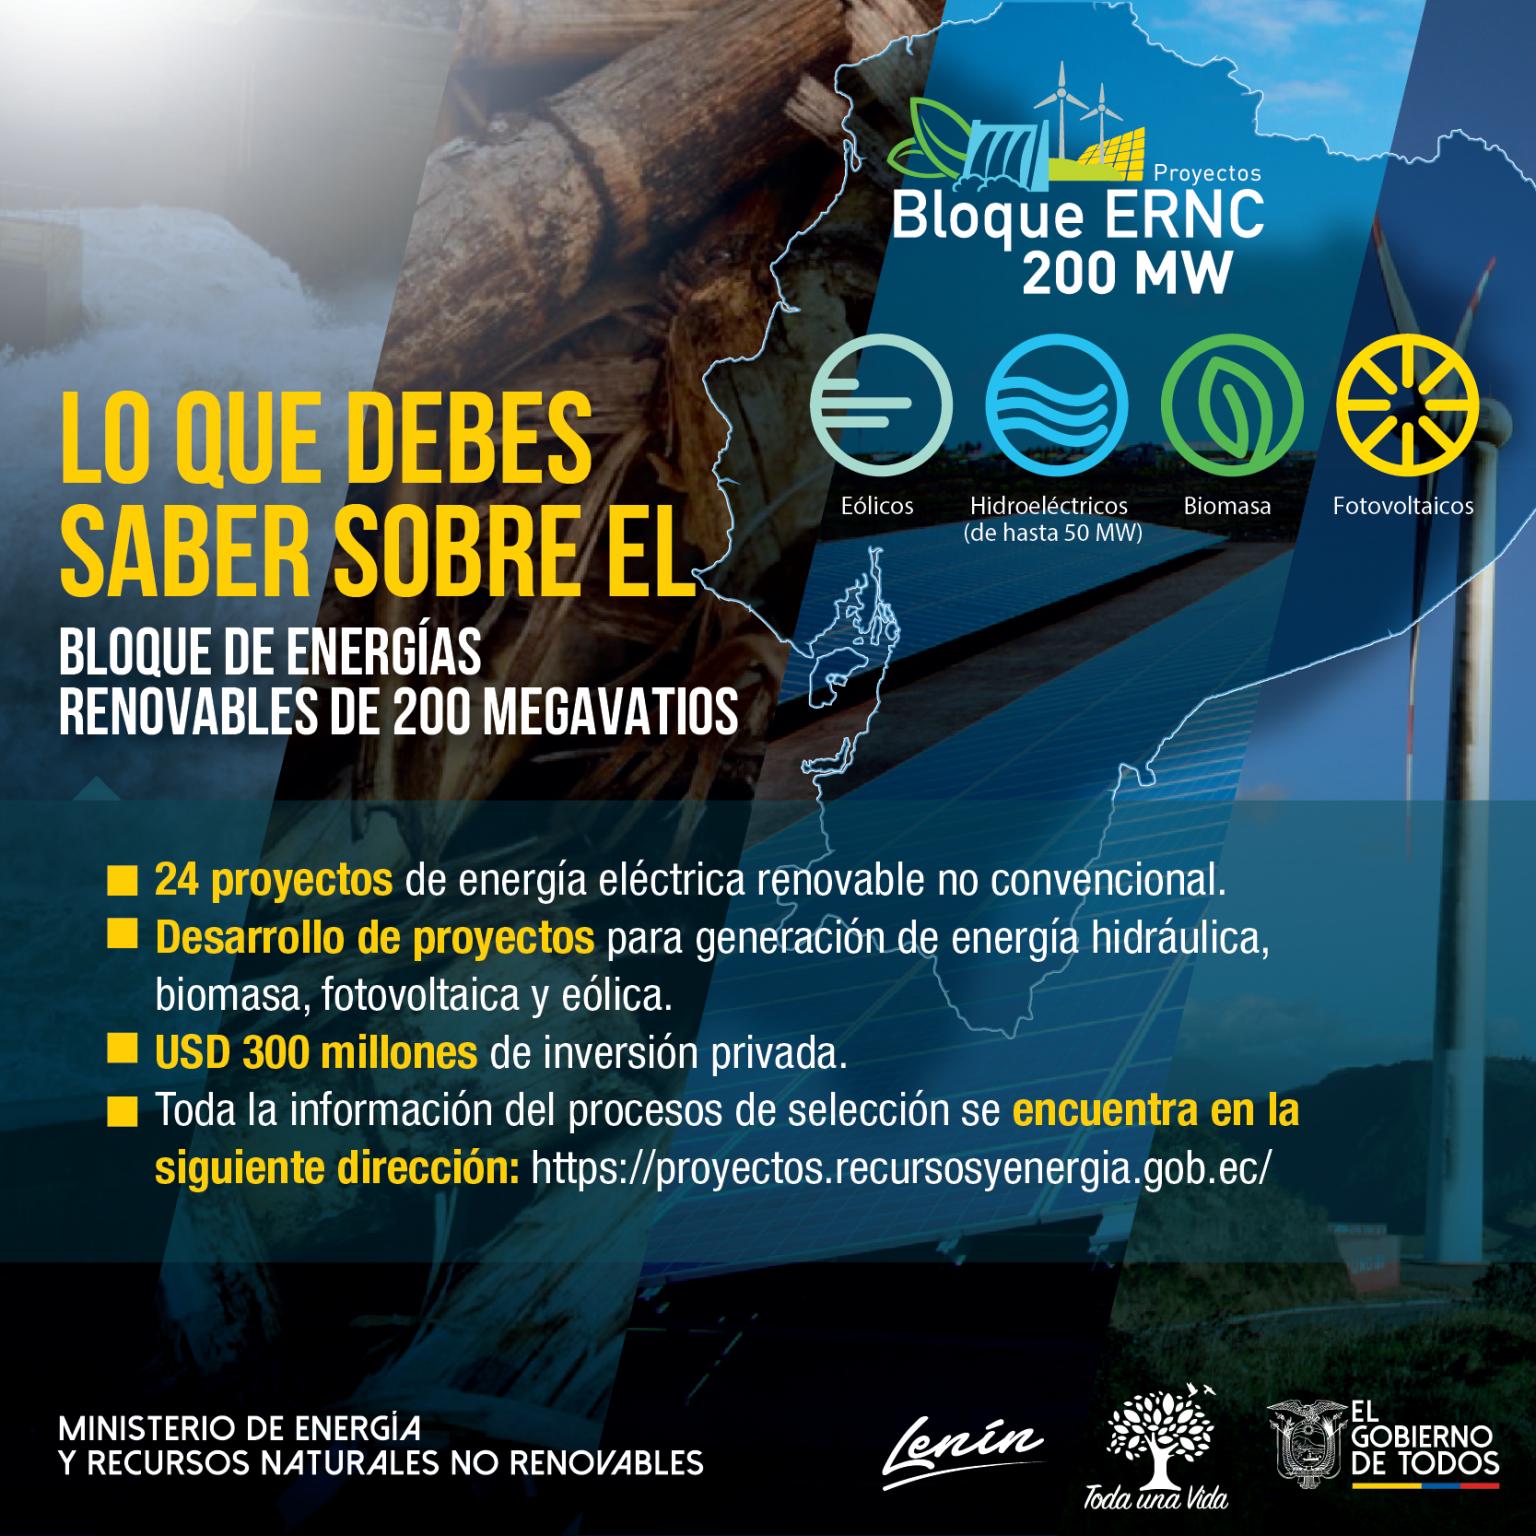 Ecuador oferta al sector privado el desarrollo de bloque de energías renovables de 200 megavatios